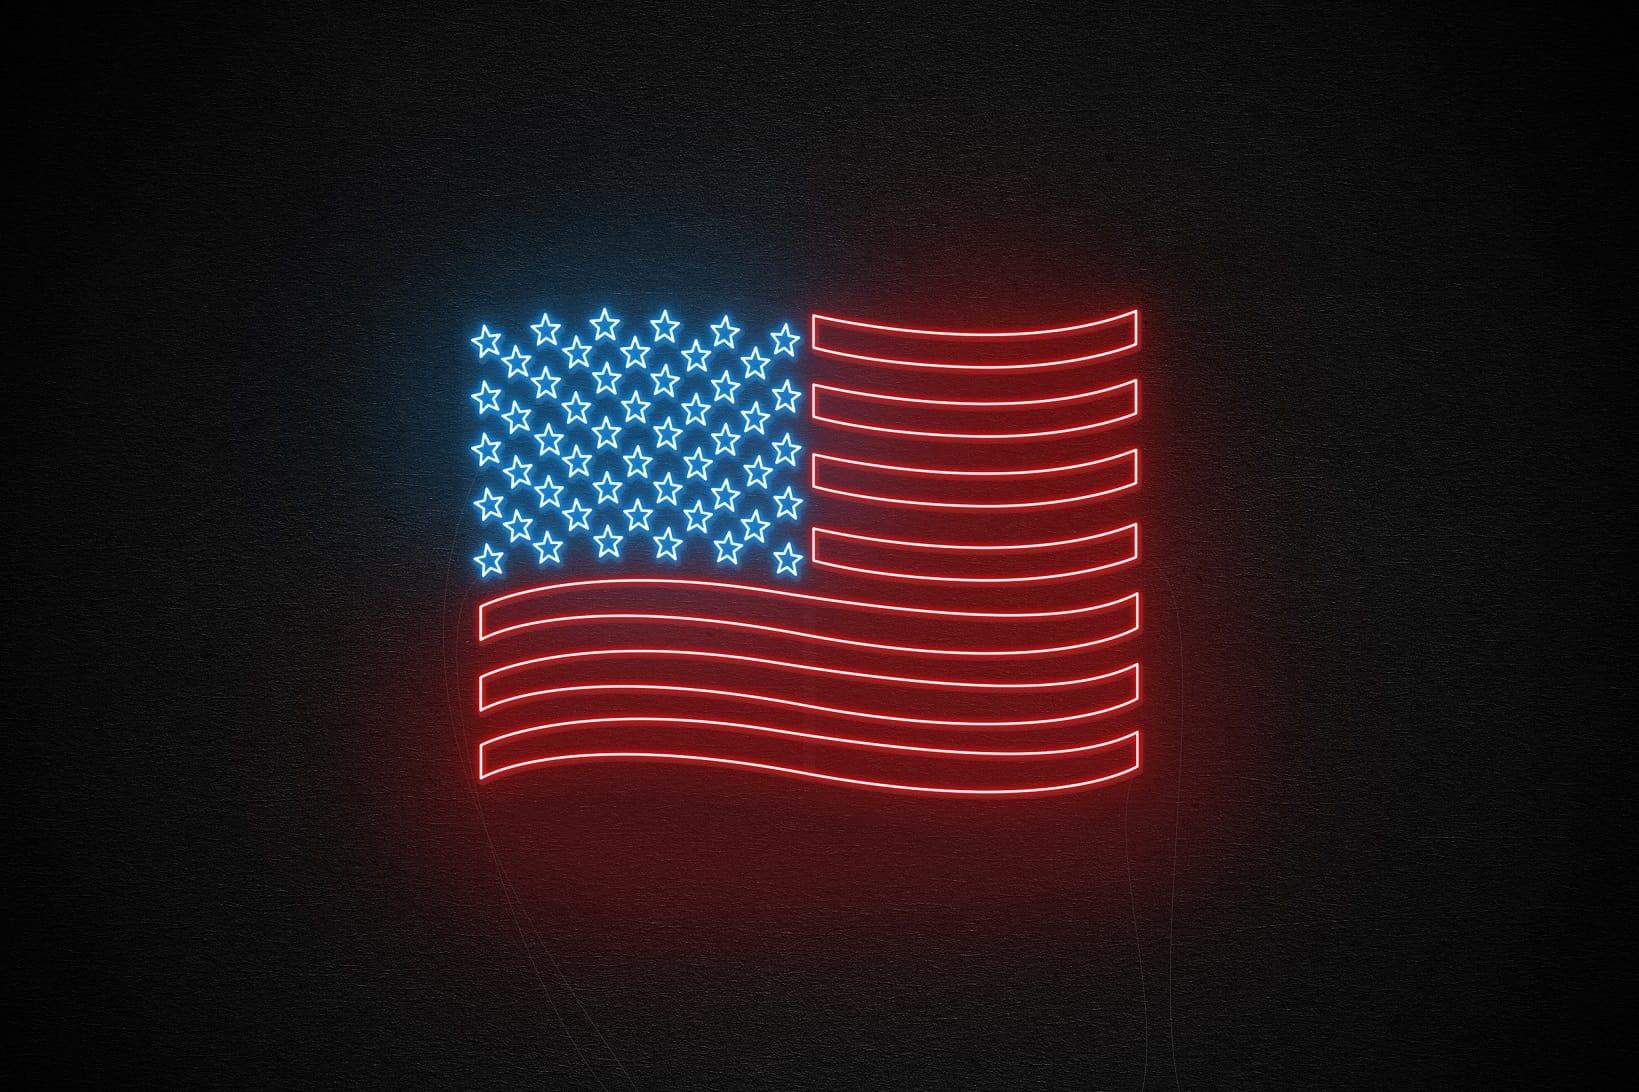 USA flag neon light